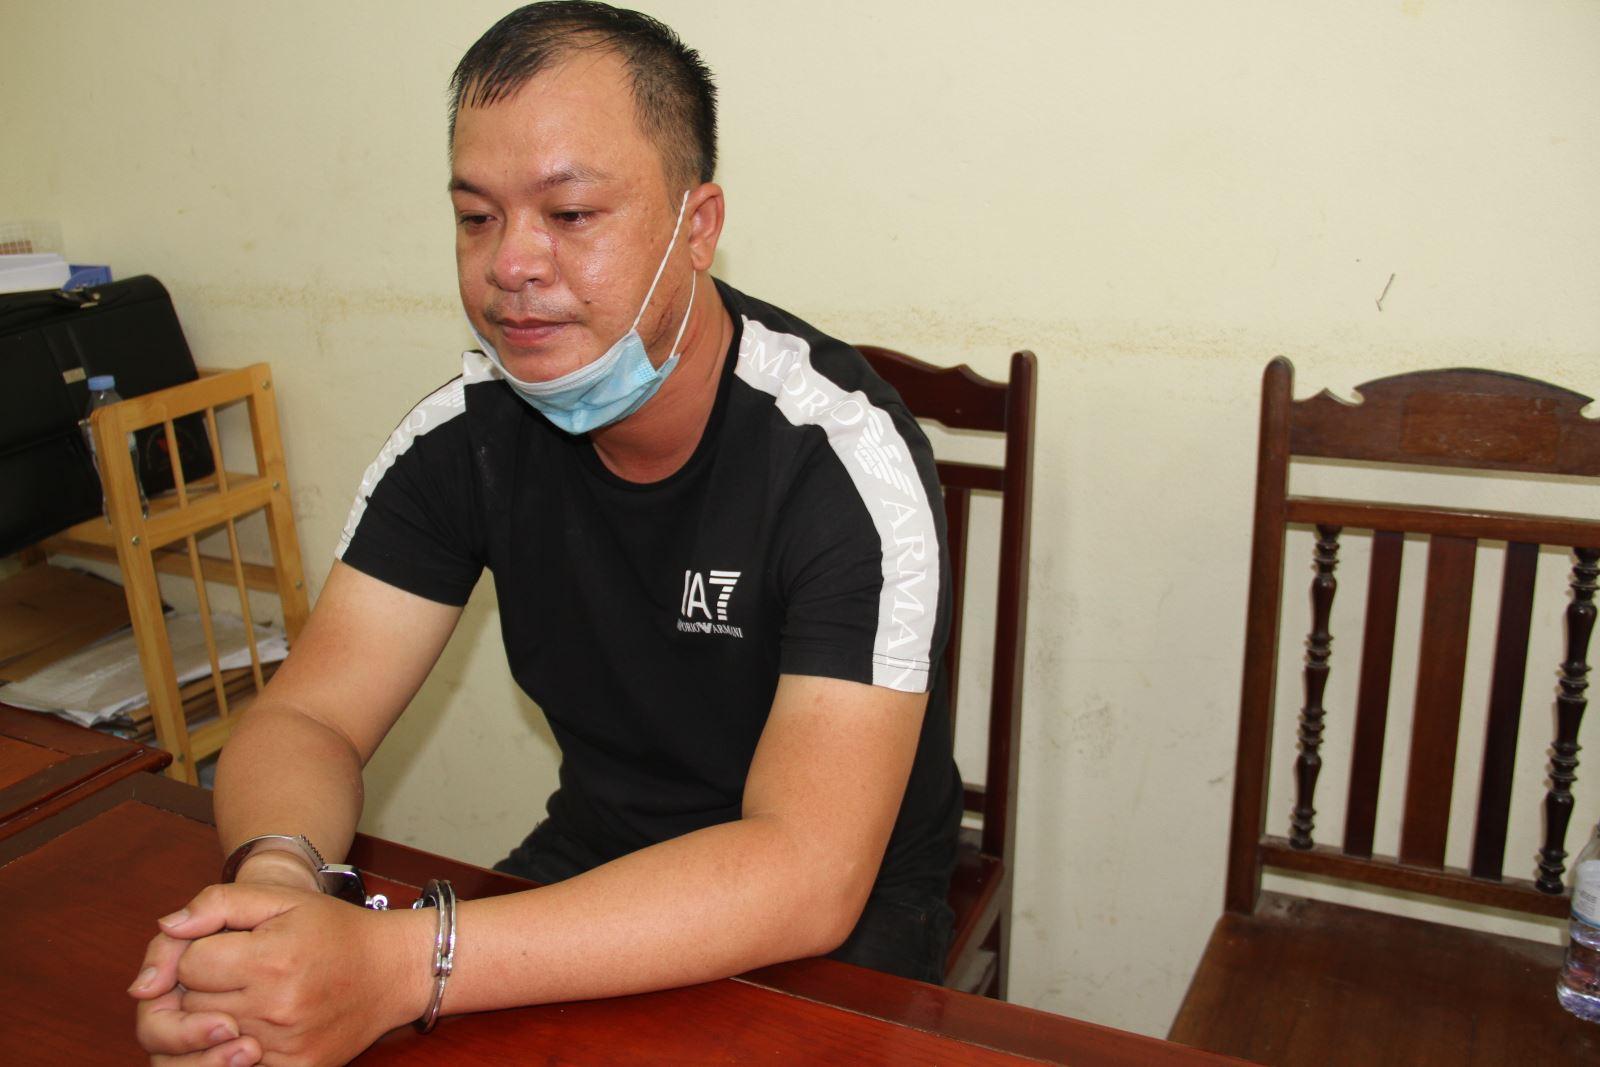 Án mạng tại shop quần áo ở Hưng Yên: Người mẹ bị đâm chết trước mặt con trai - 1